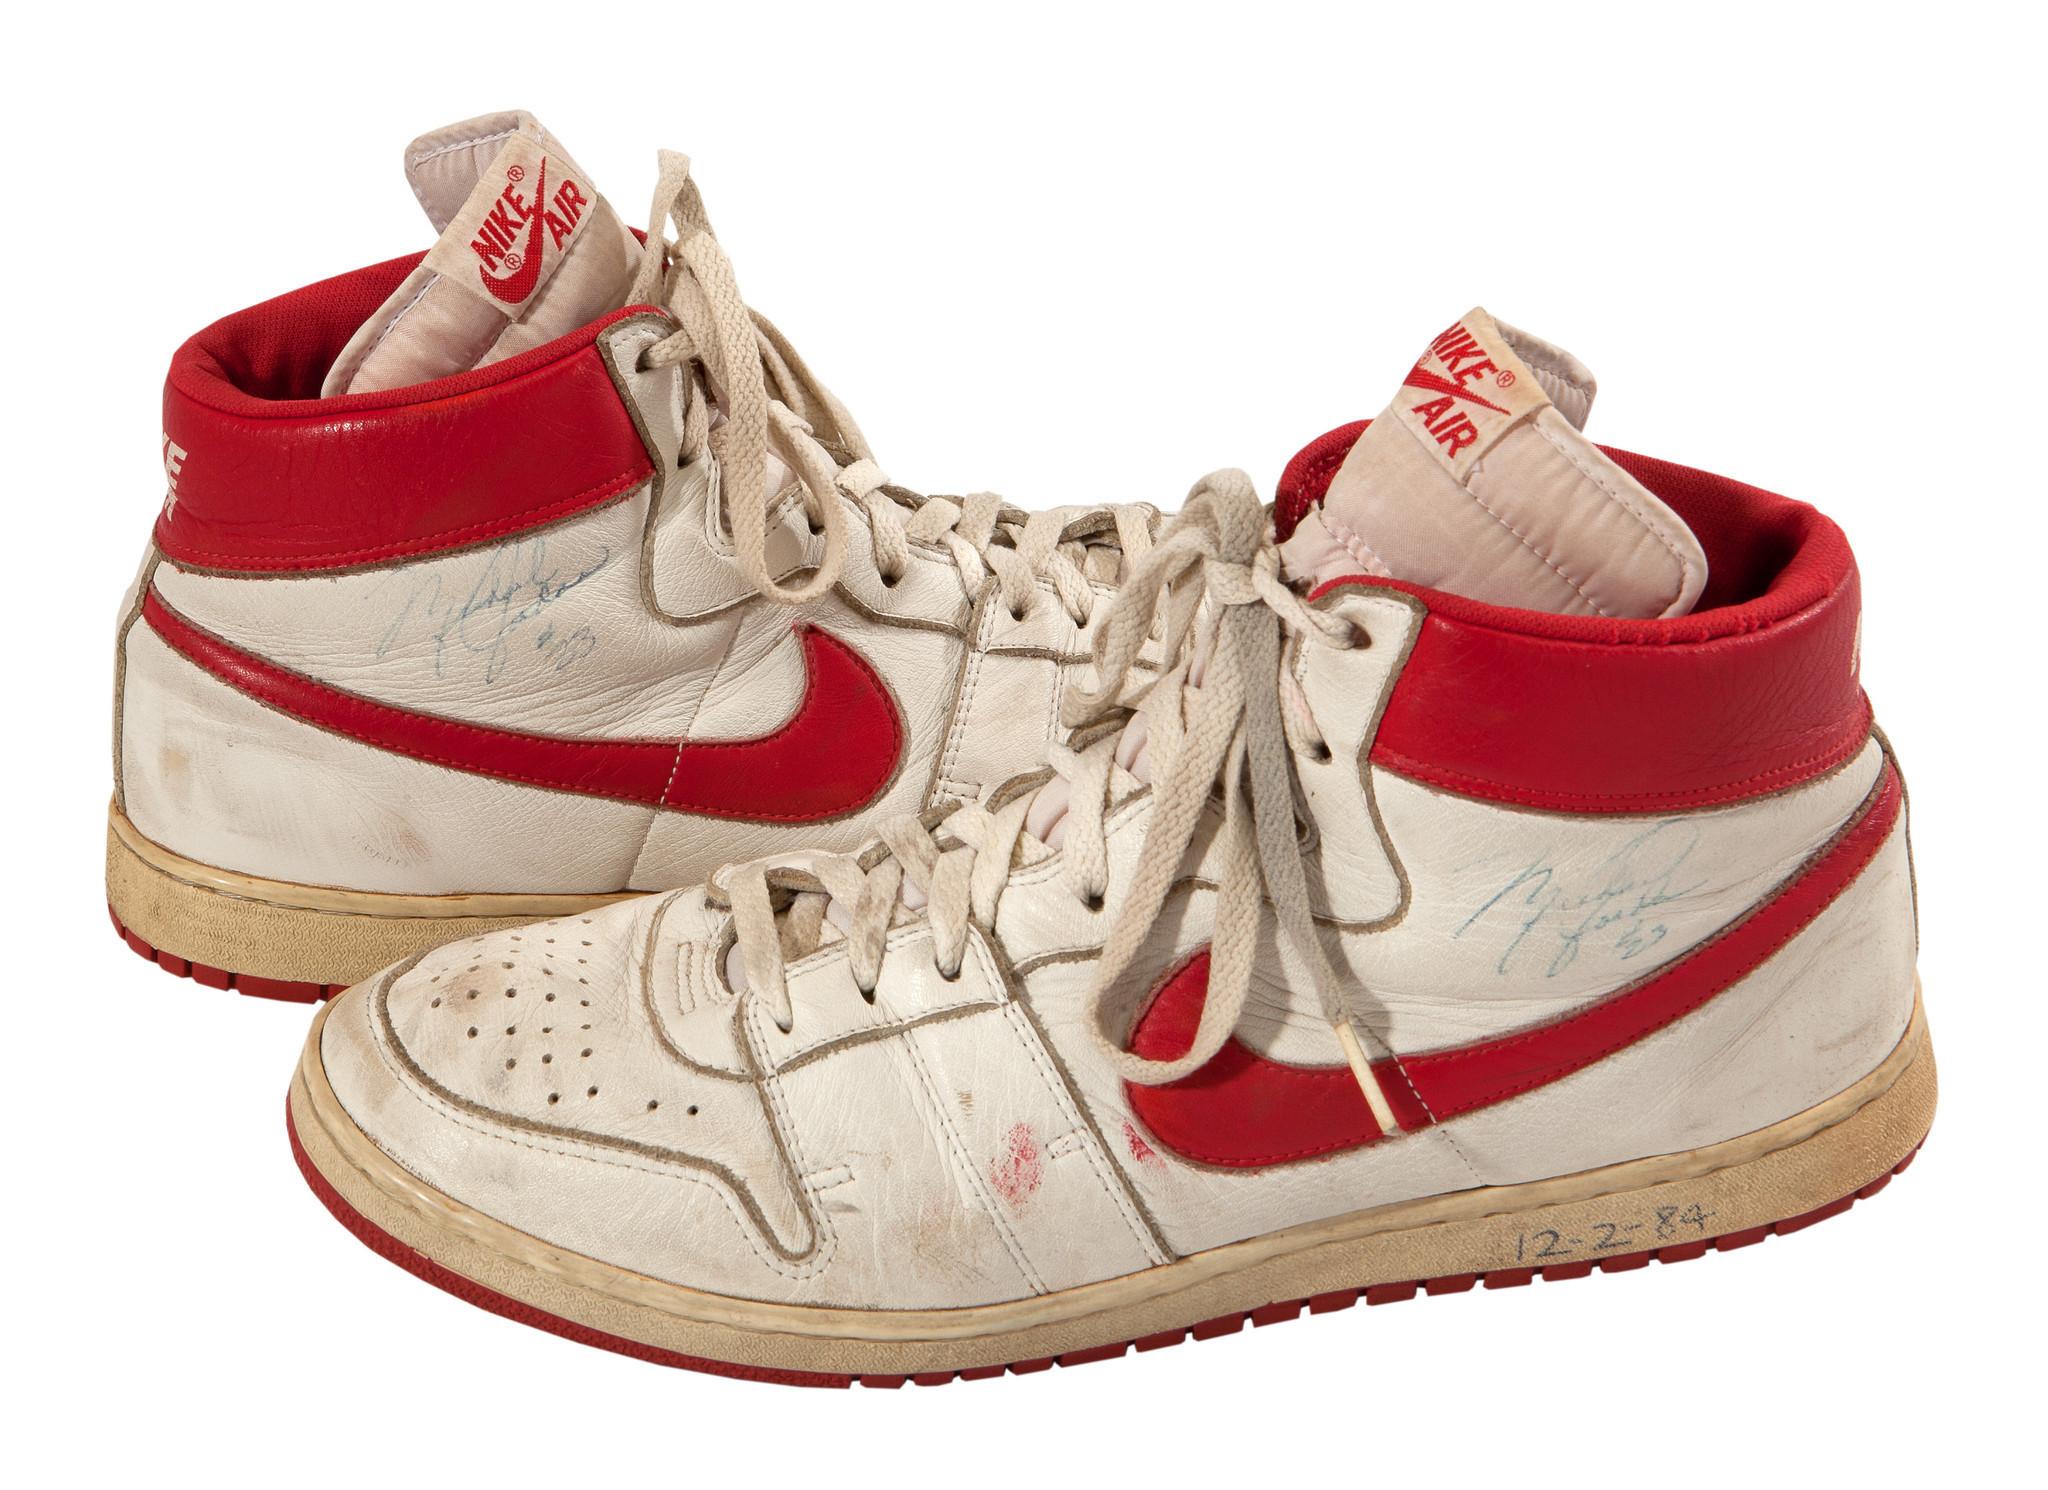 Michael Jordan '84 Es Un Juego Usado '84 Jordan Nikes Para Subasta Ch-icago Tribune 99a6b7